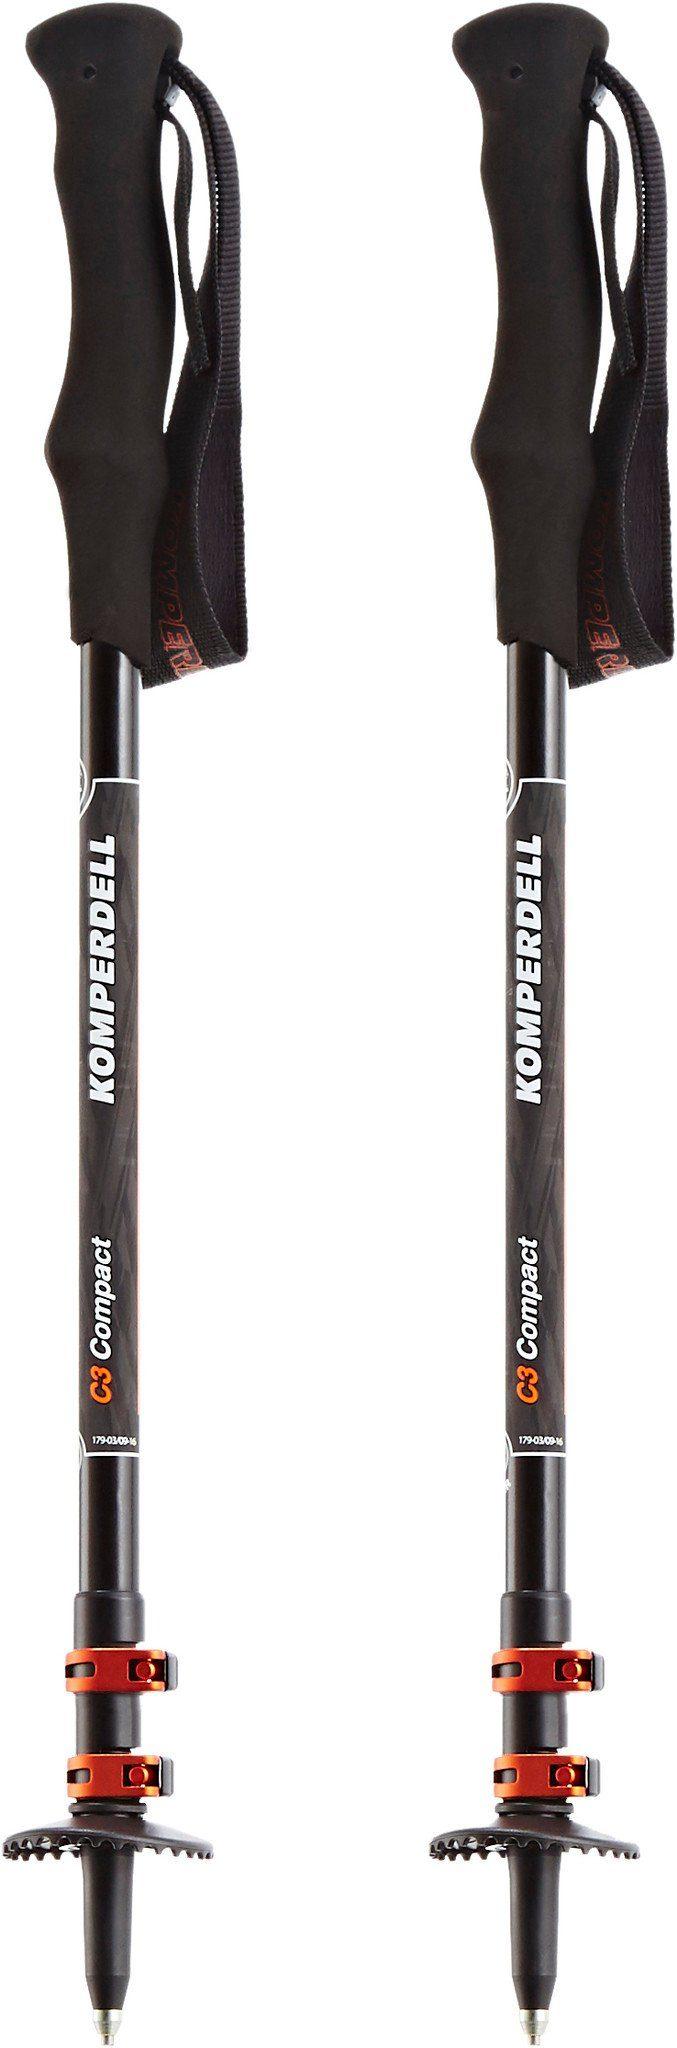 Komperdell Wanderstock »C3 Carbon Powerlock Compact Poles«